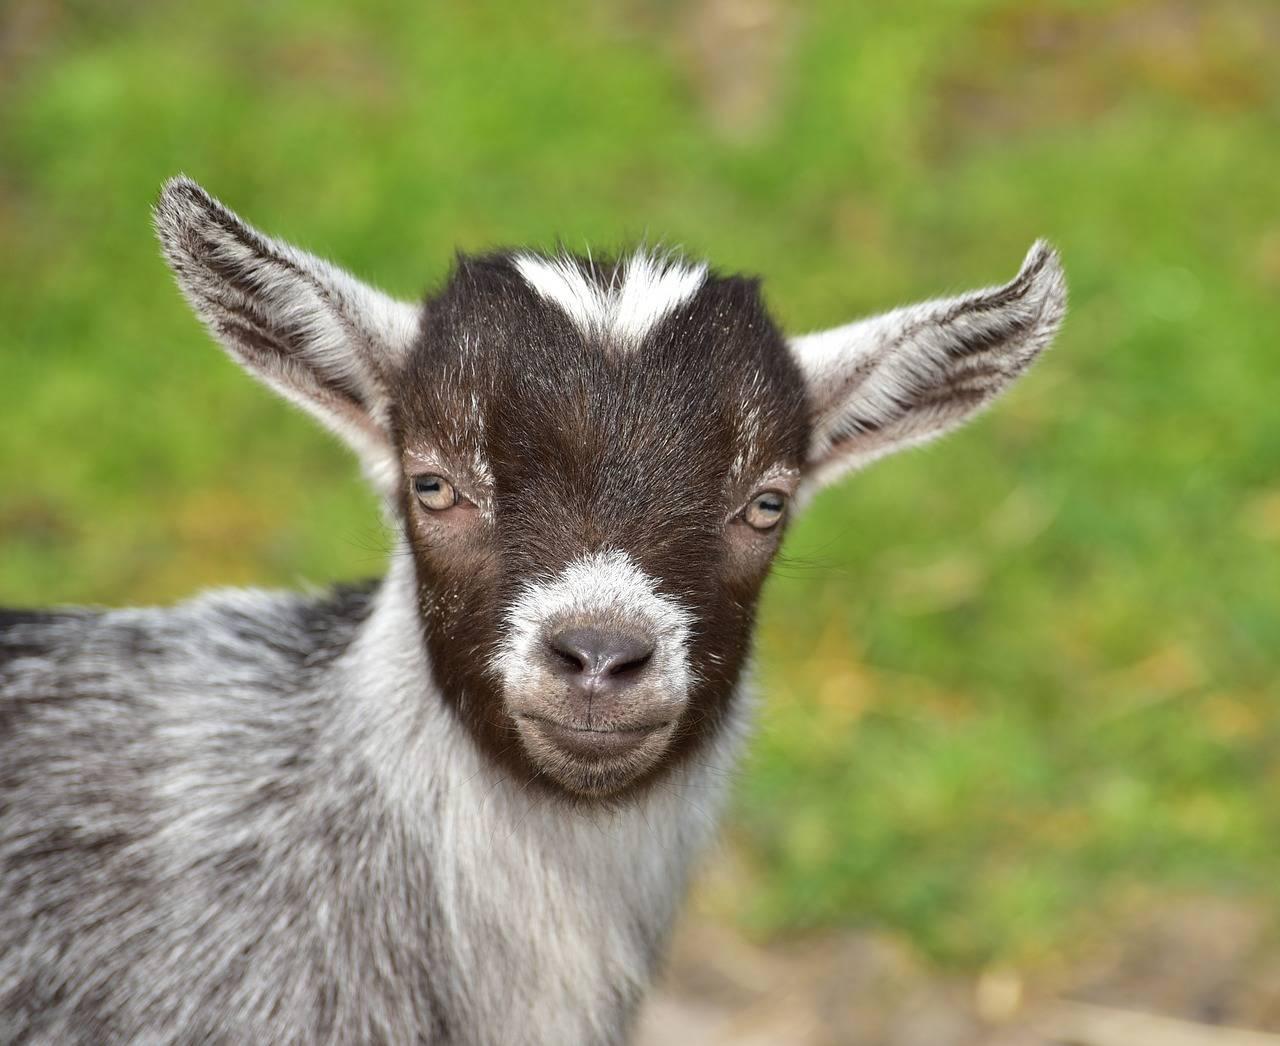 Имена для козы: как можно назвать козленка